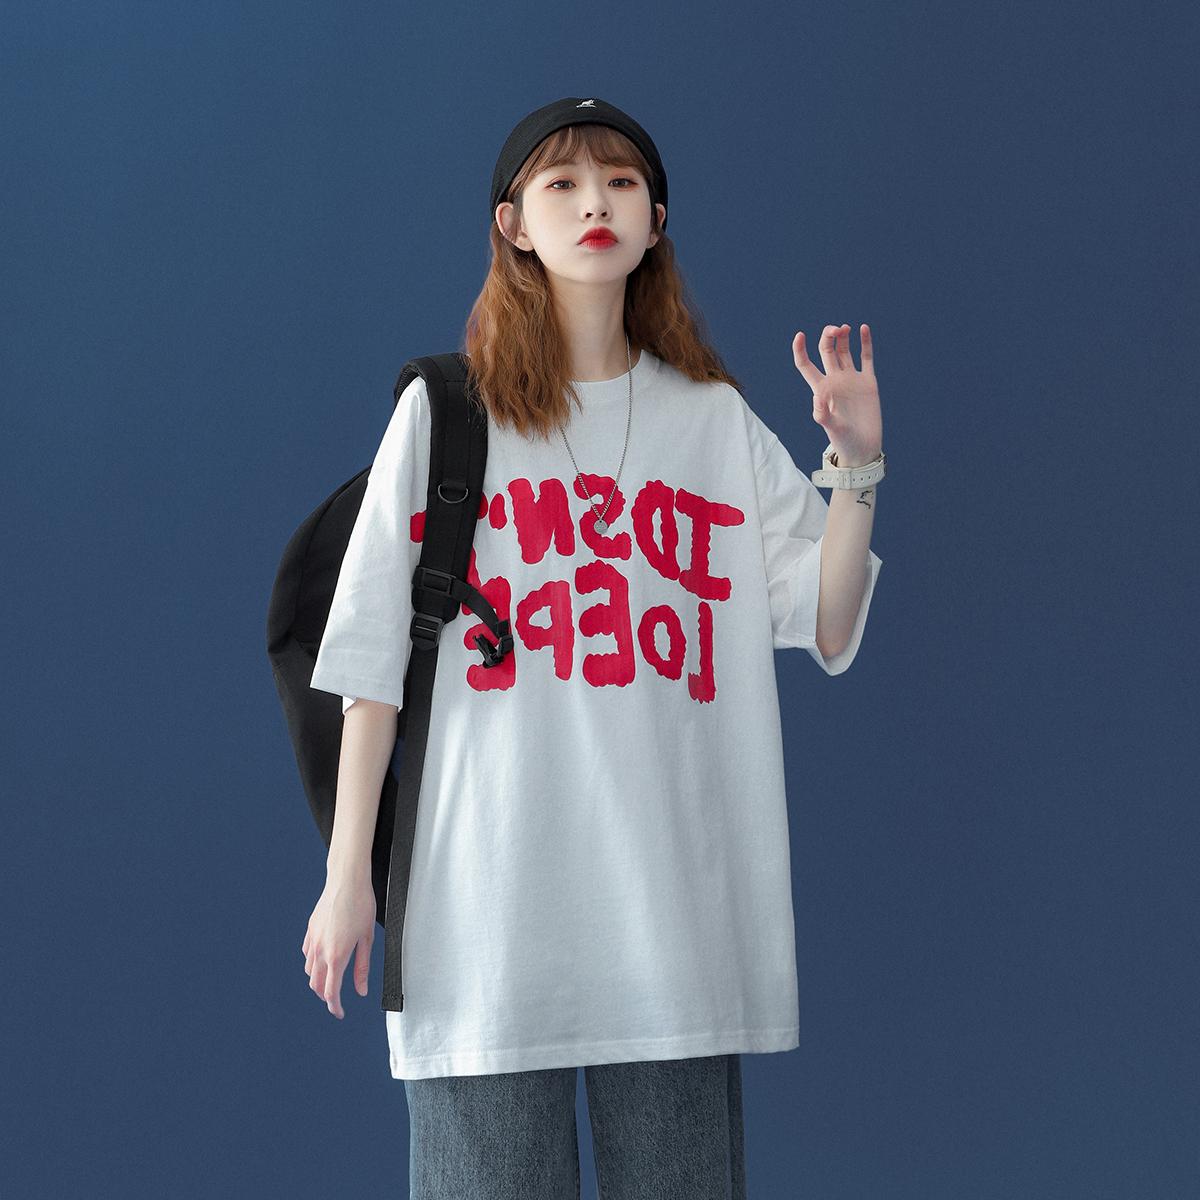 短袖t恤女装夏装2021年夏季新款宽松韩版半袖上衣服ins潮TX105p28